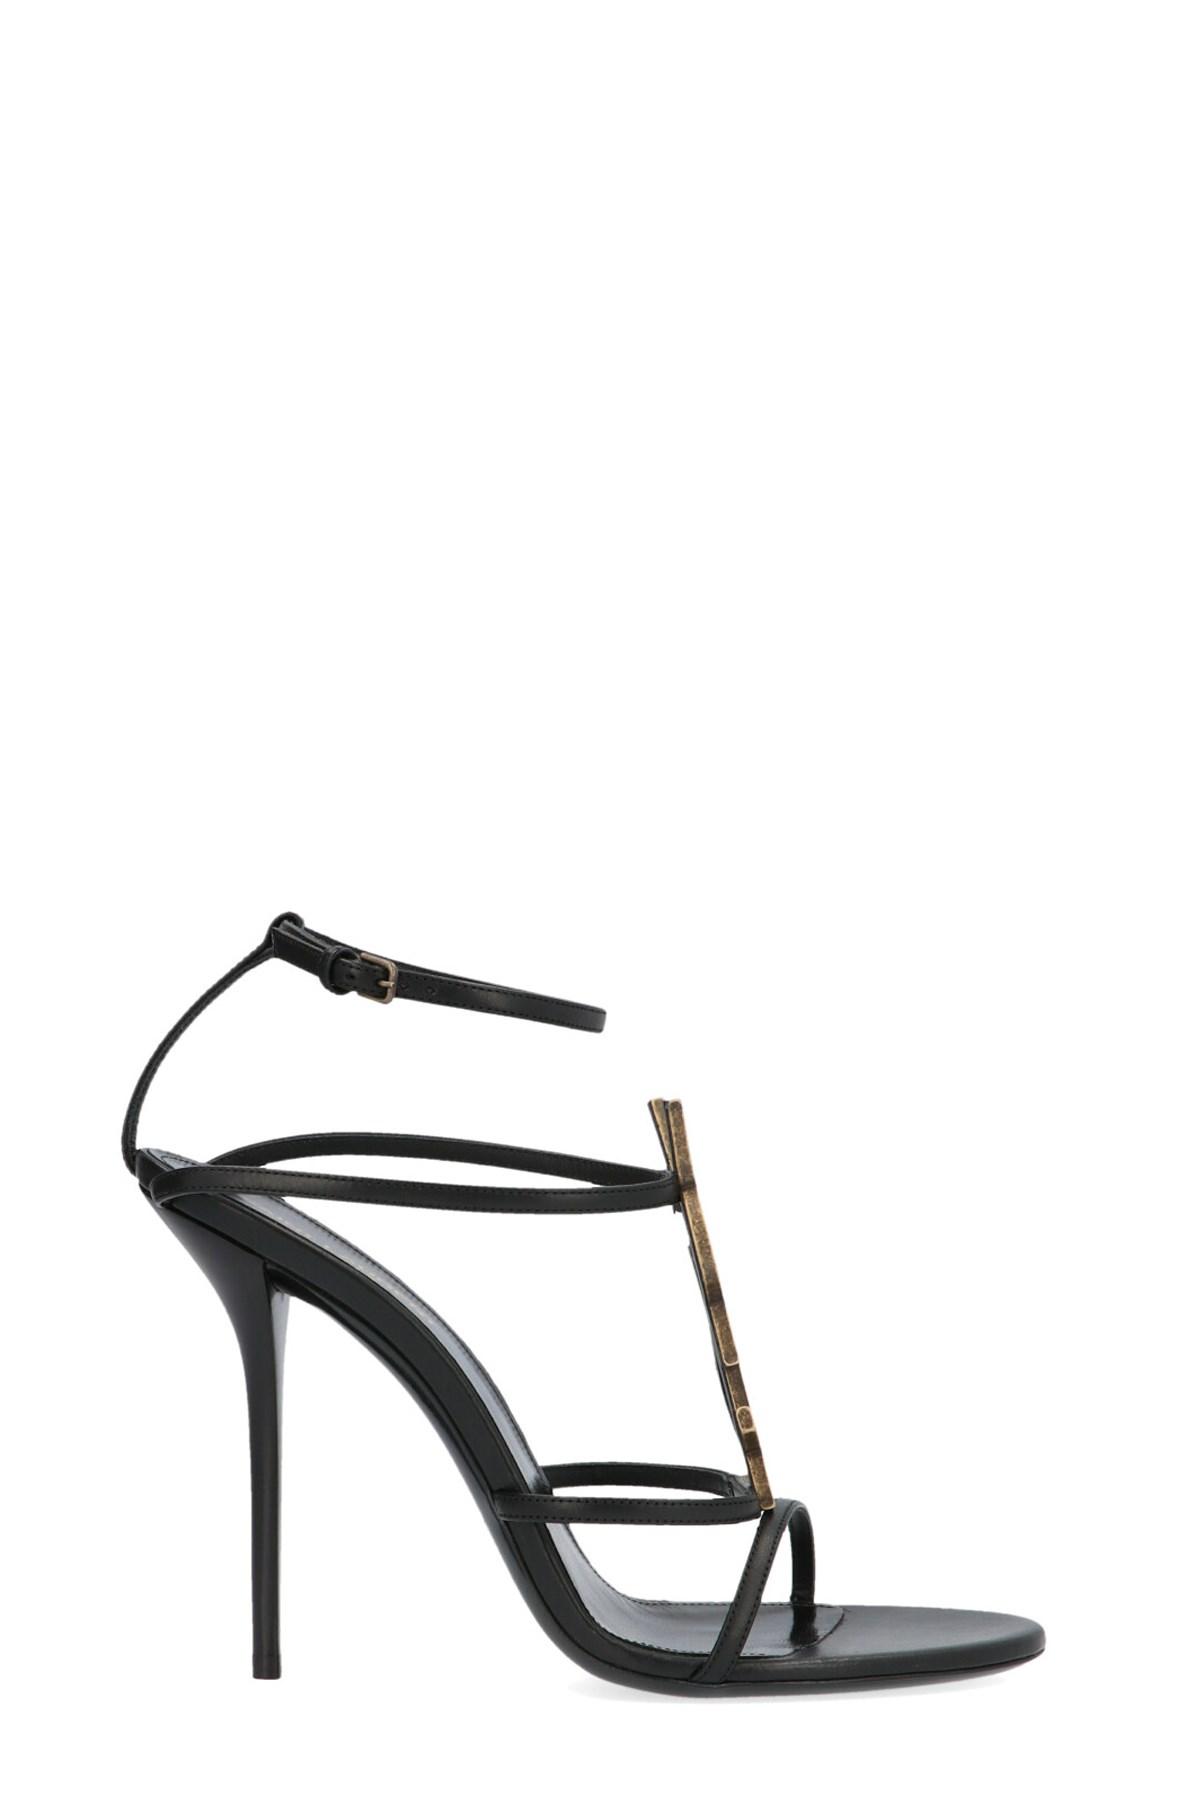 ac14429796 Shoes | Saint Laurent